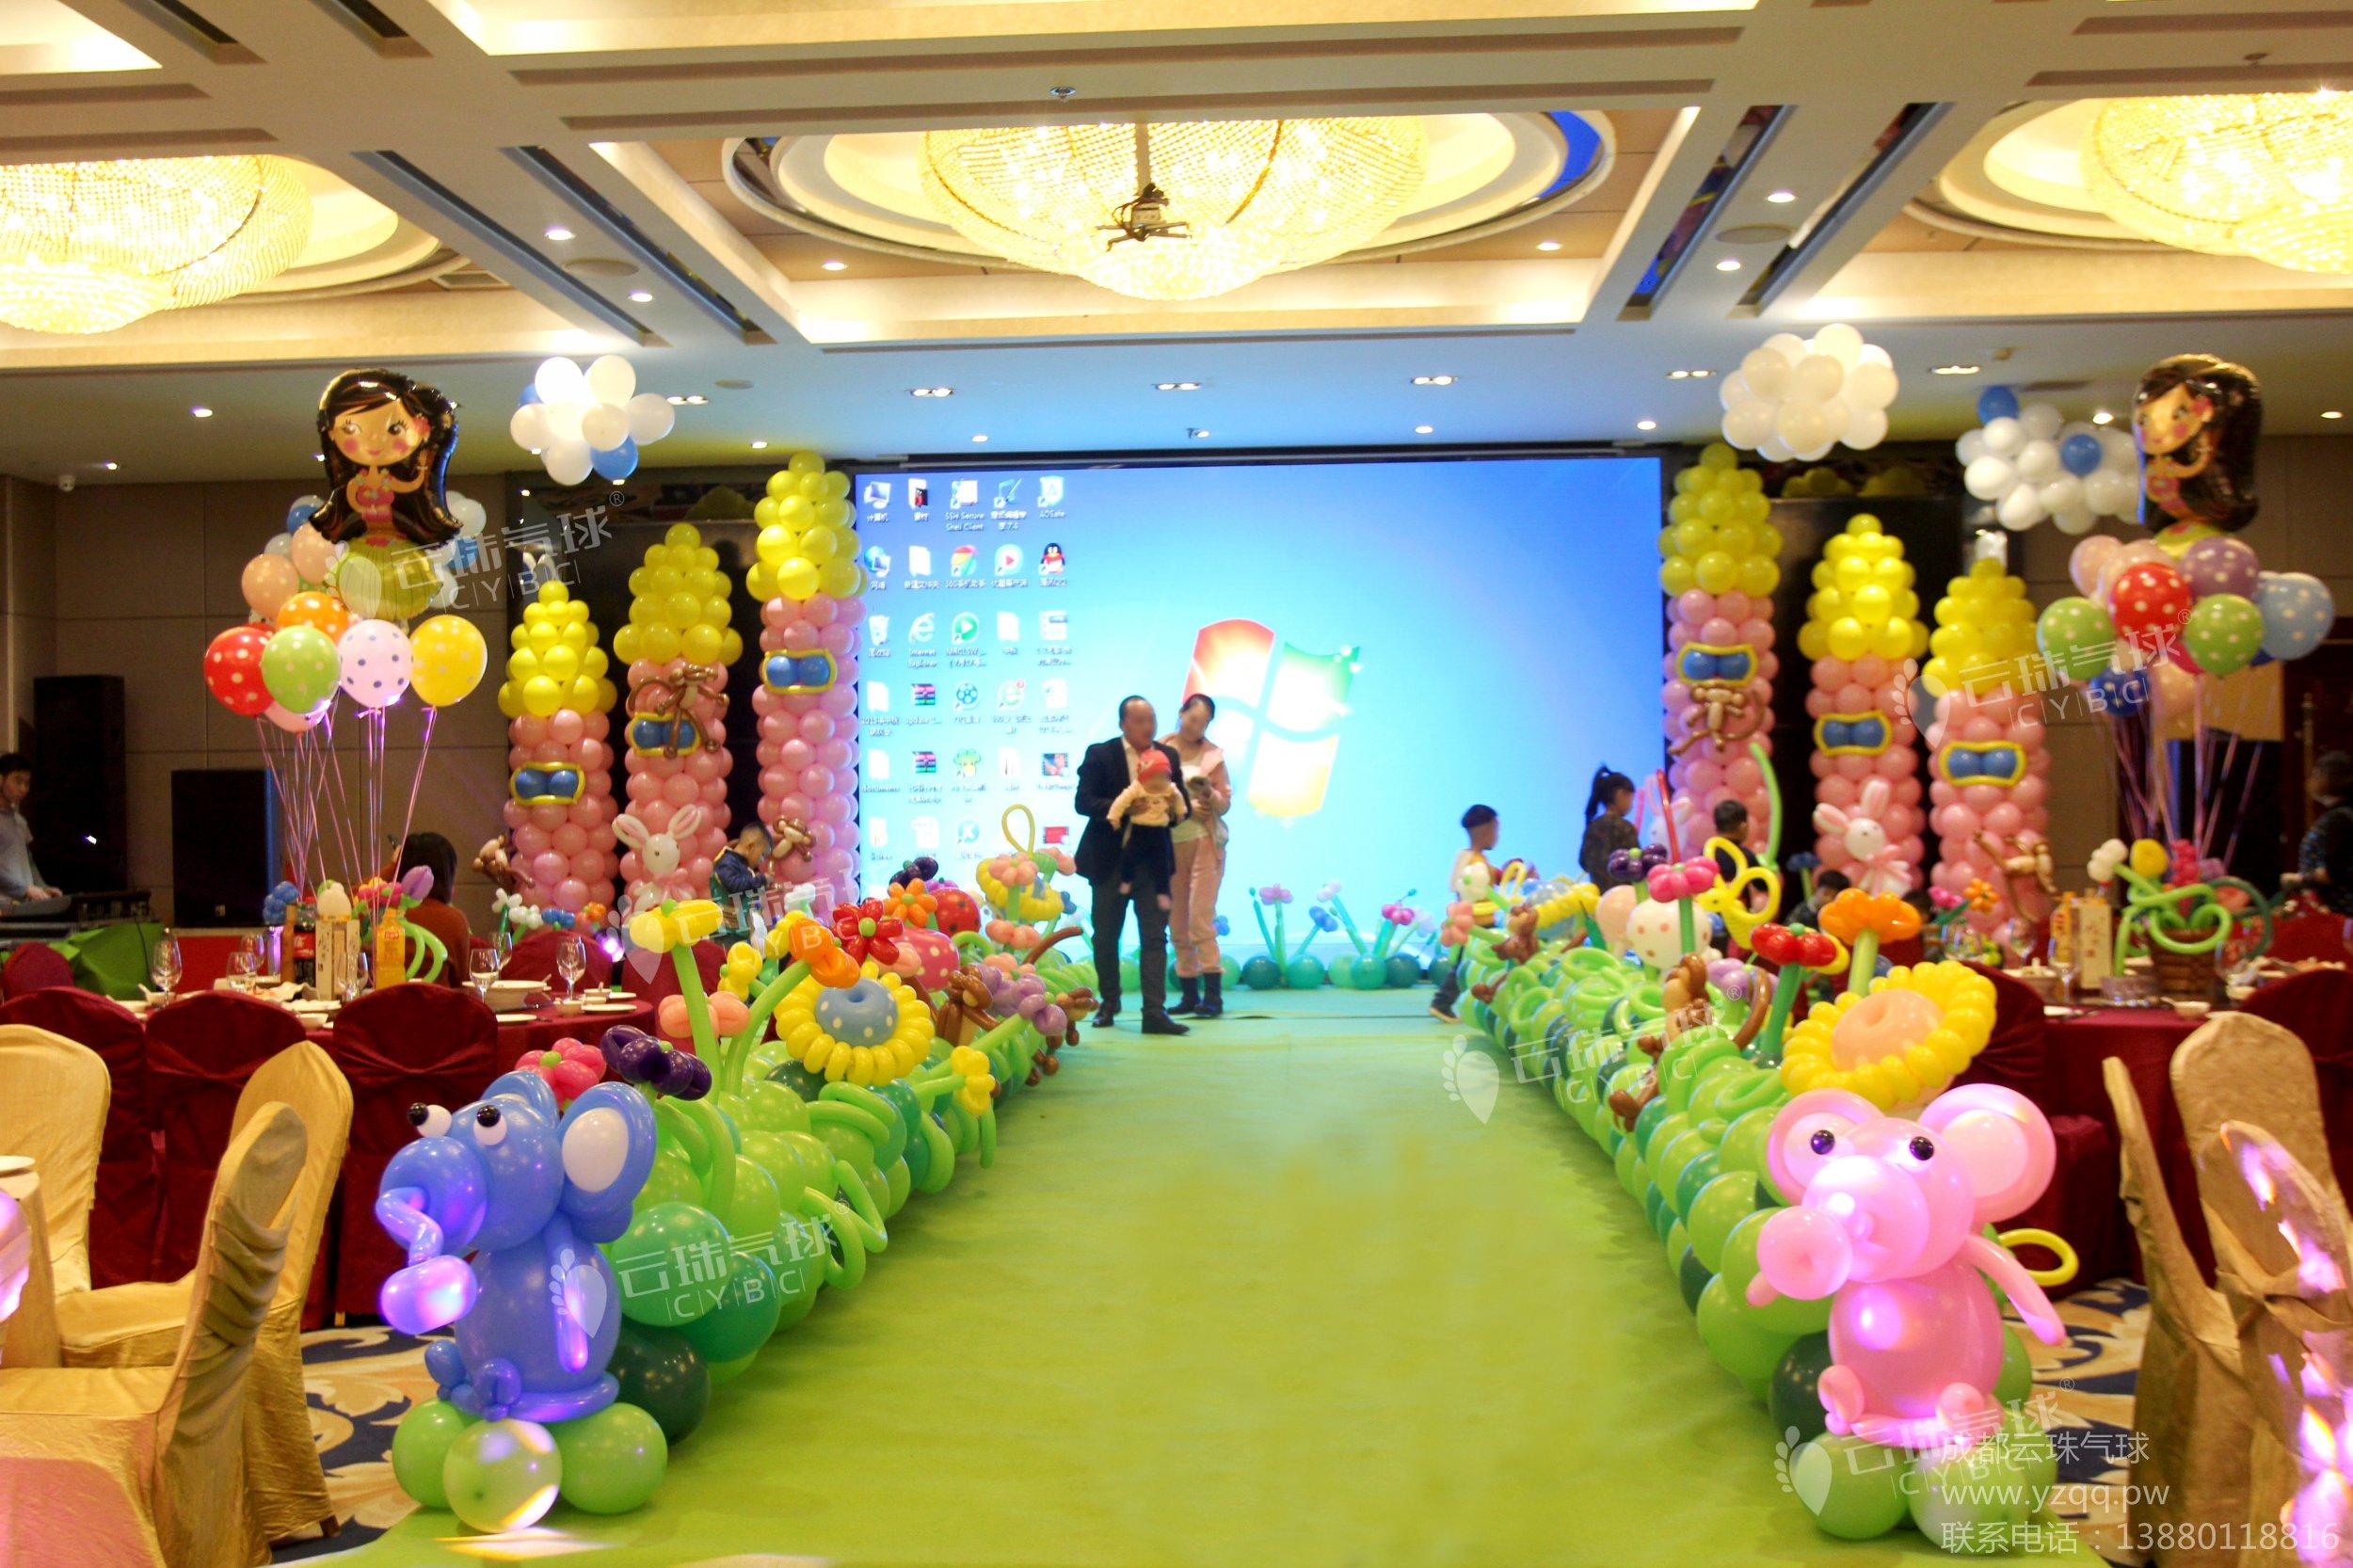 供应森林主题气球装饰/动物气球造型/魔术气球造型/卡通动物编法